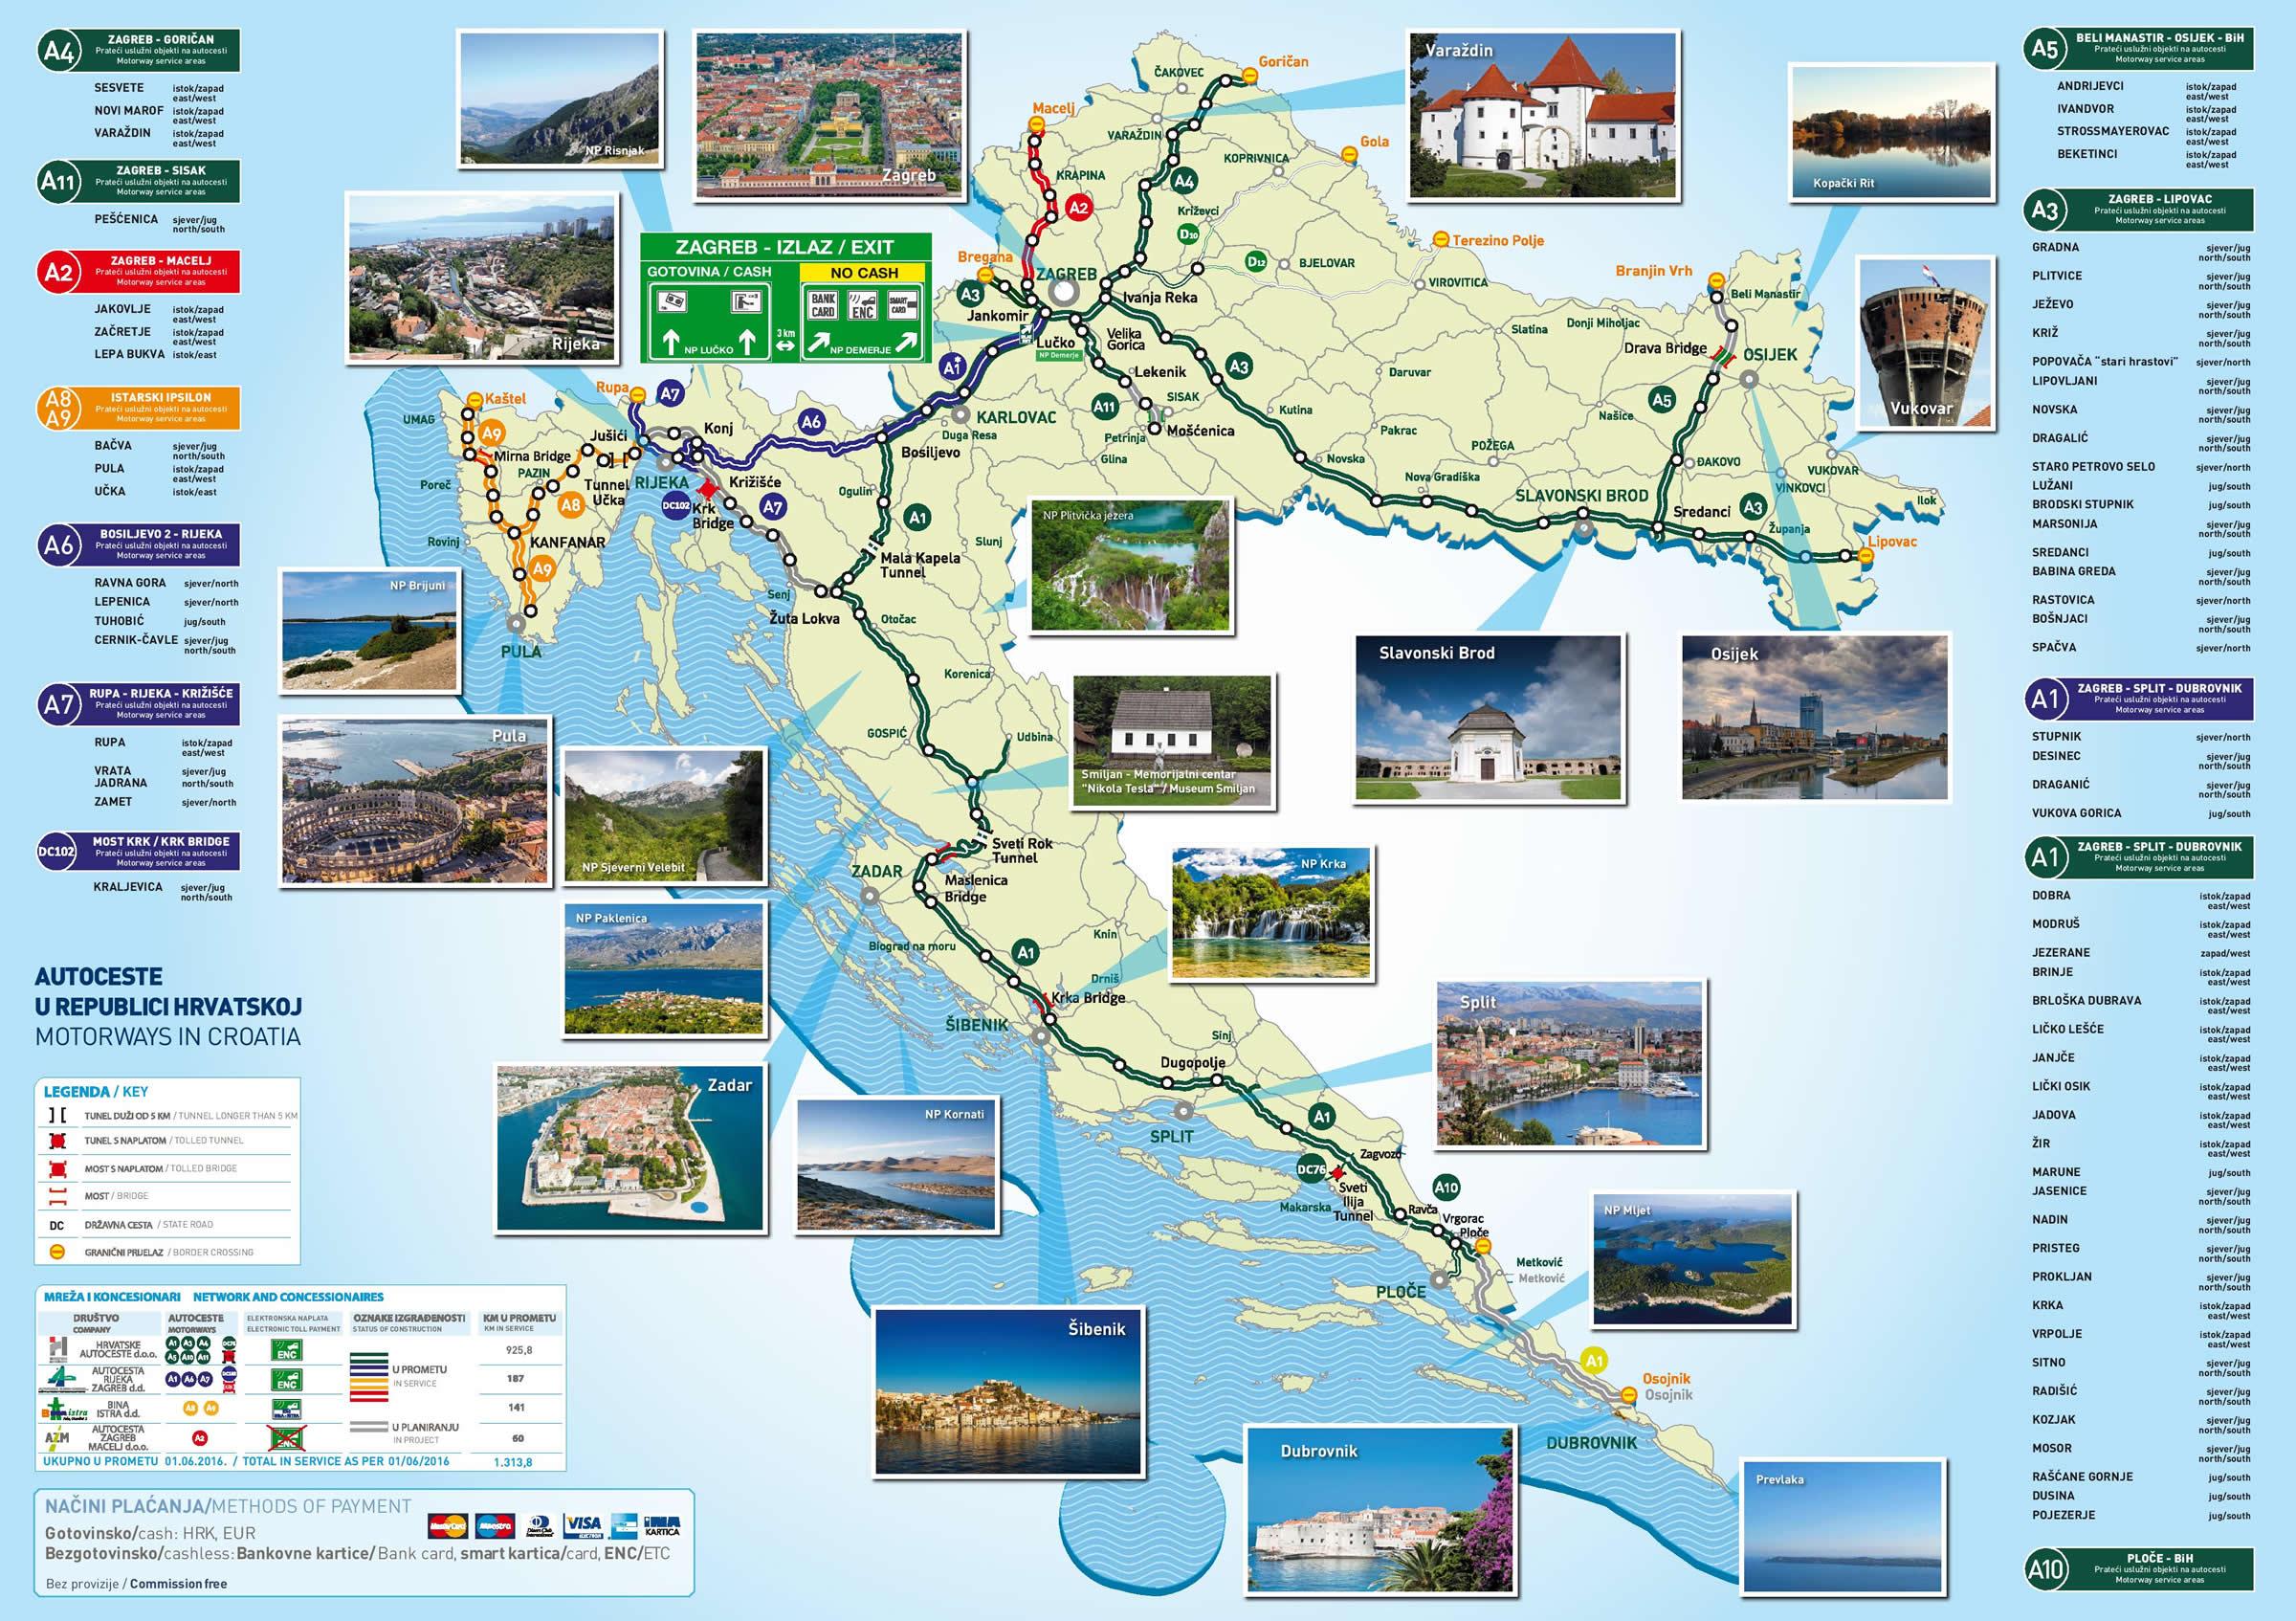 budapest autópálya térkép Horvátország autópálya térképe 2018   új autópálya szakaszok  budapest autópálya térkép